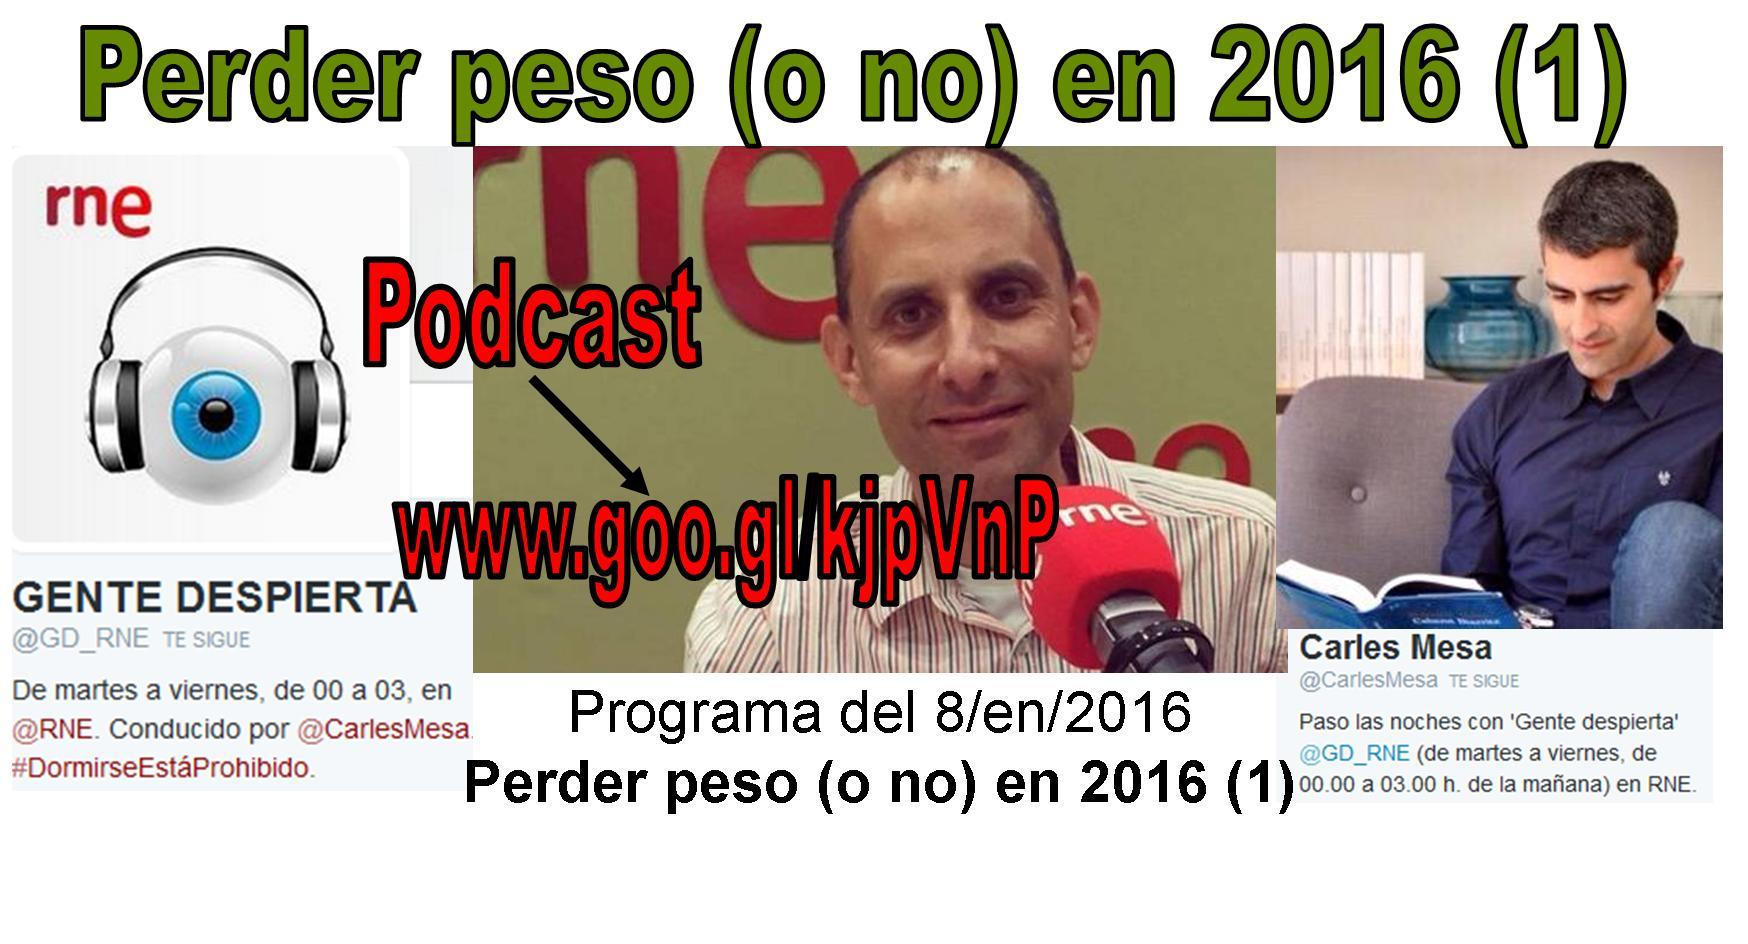 Perder-peso-2016-1.jpg